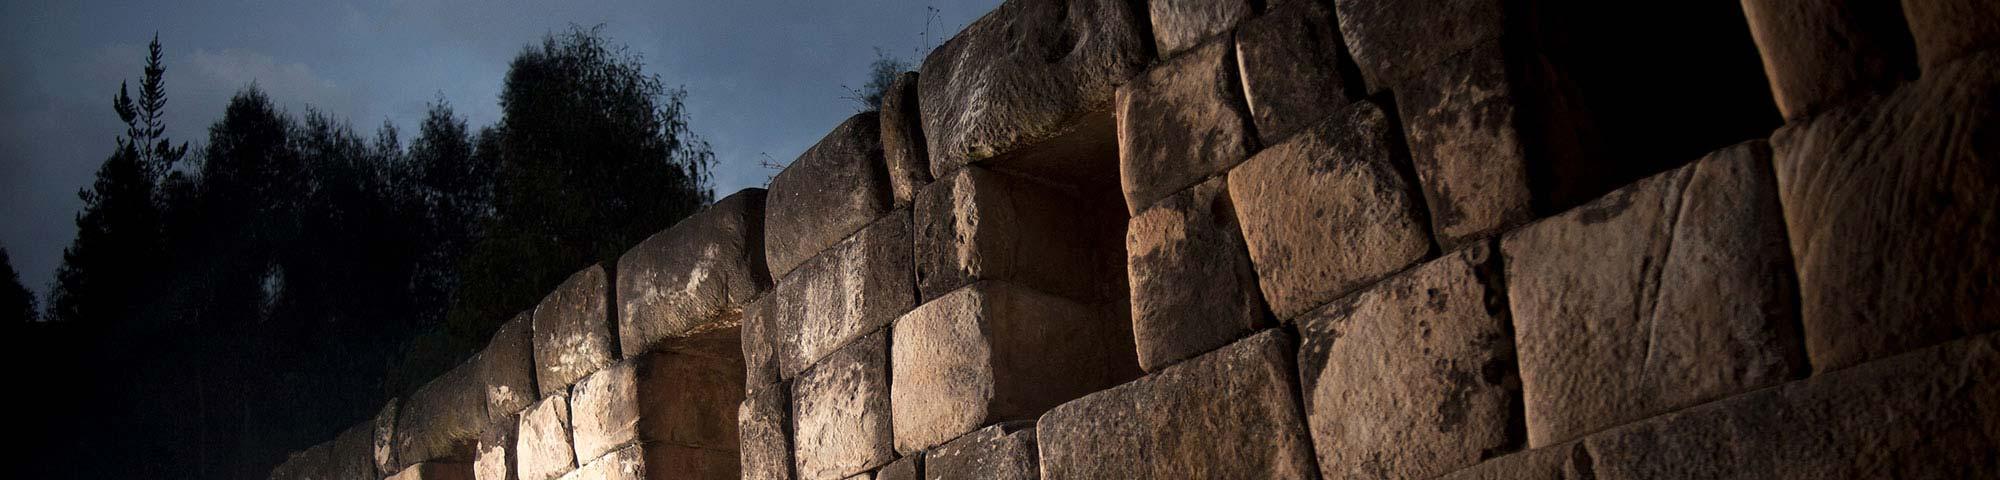 Complejo Arqueológico de Astobamba y Huarautambo